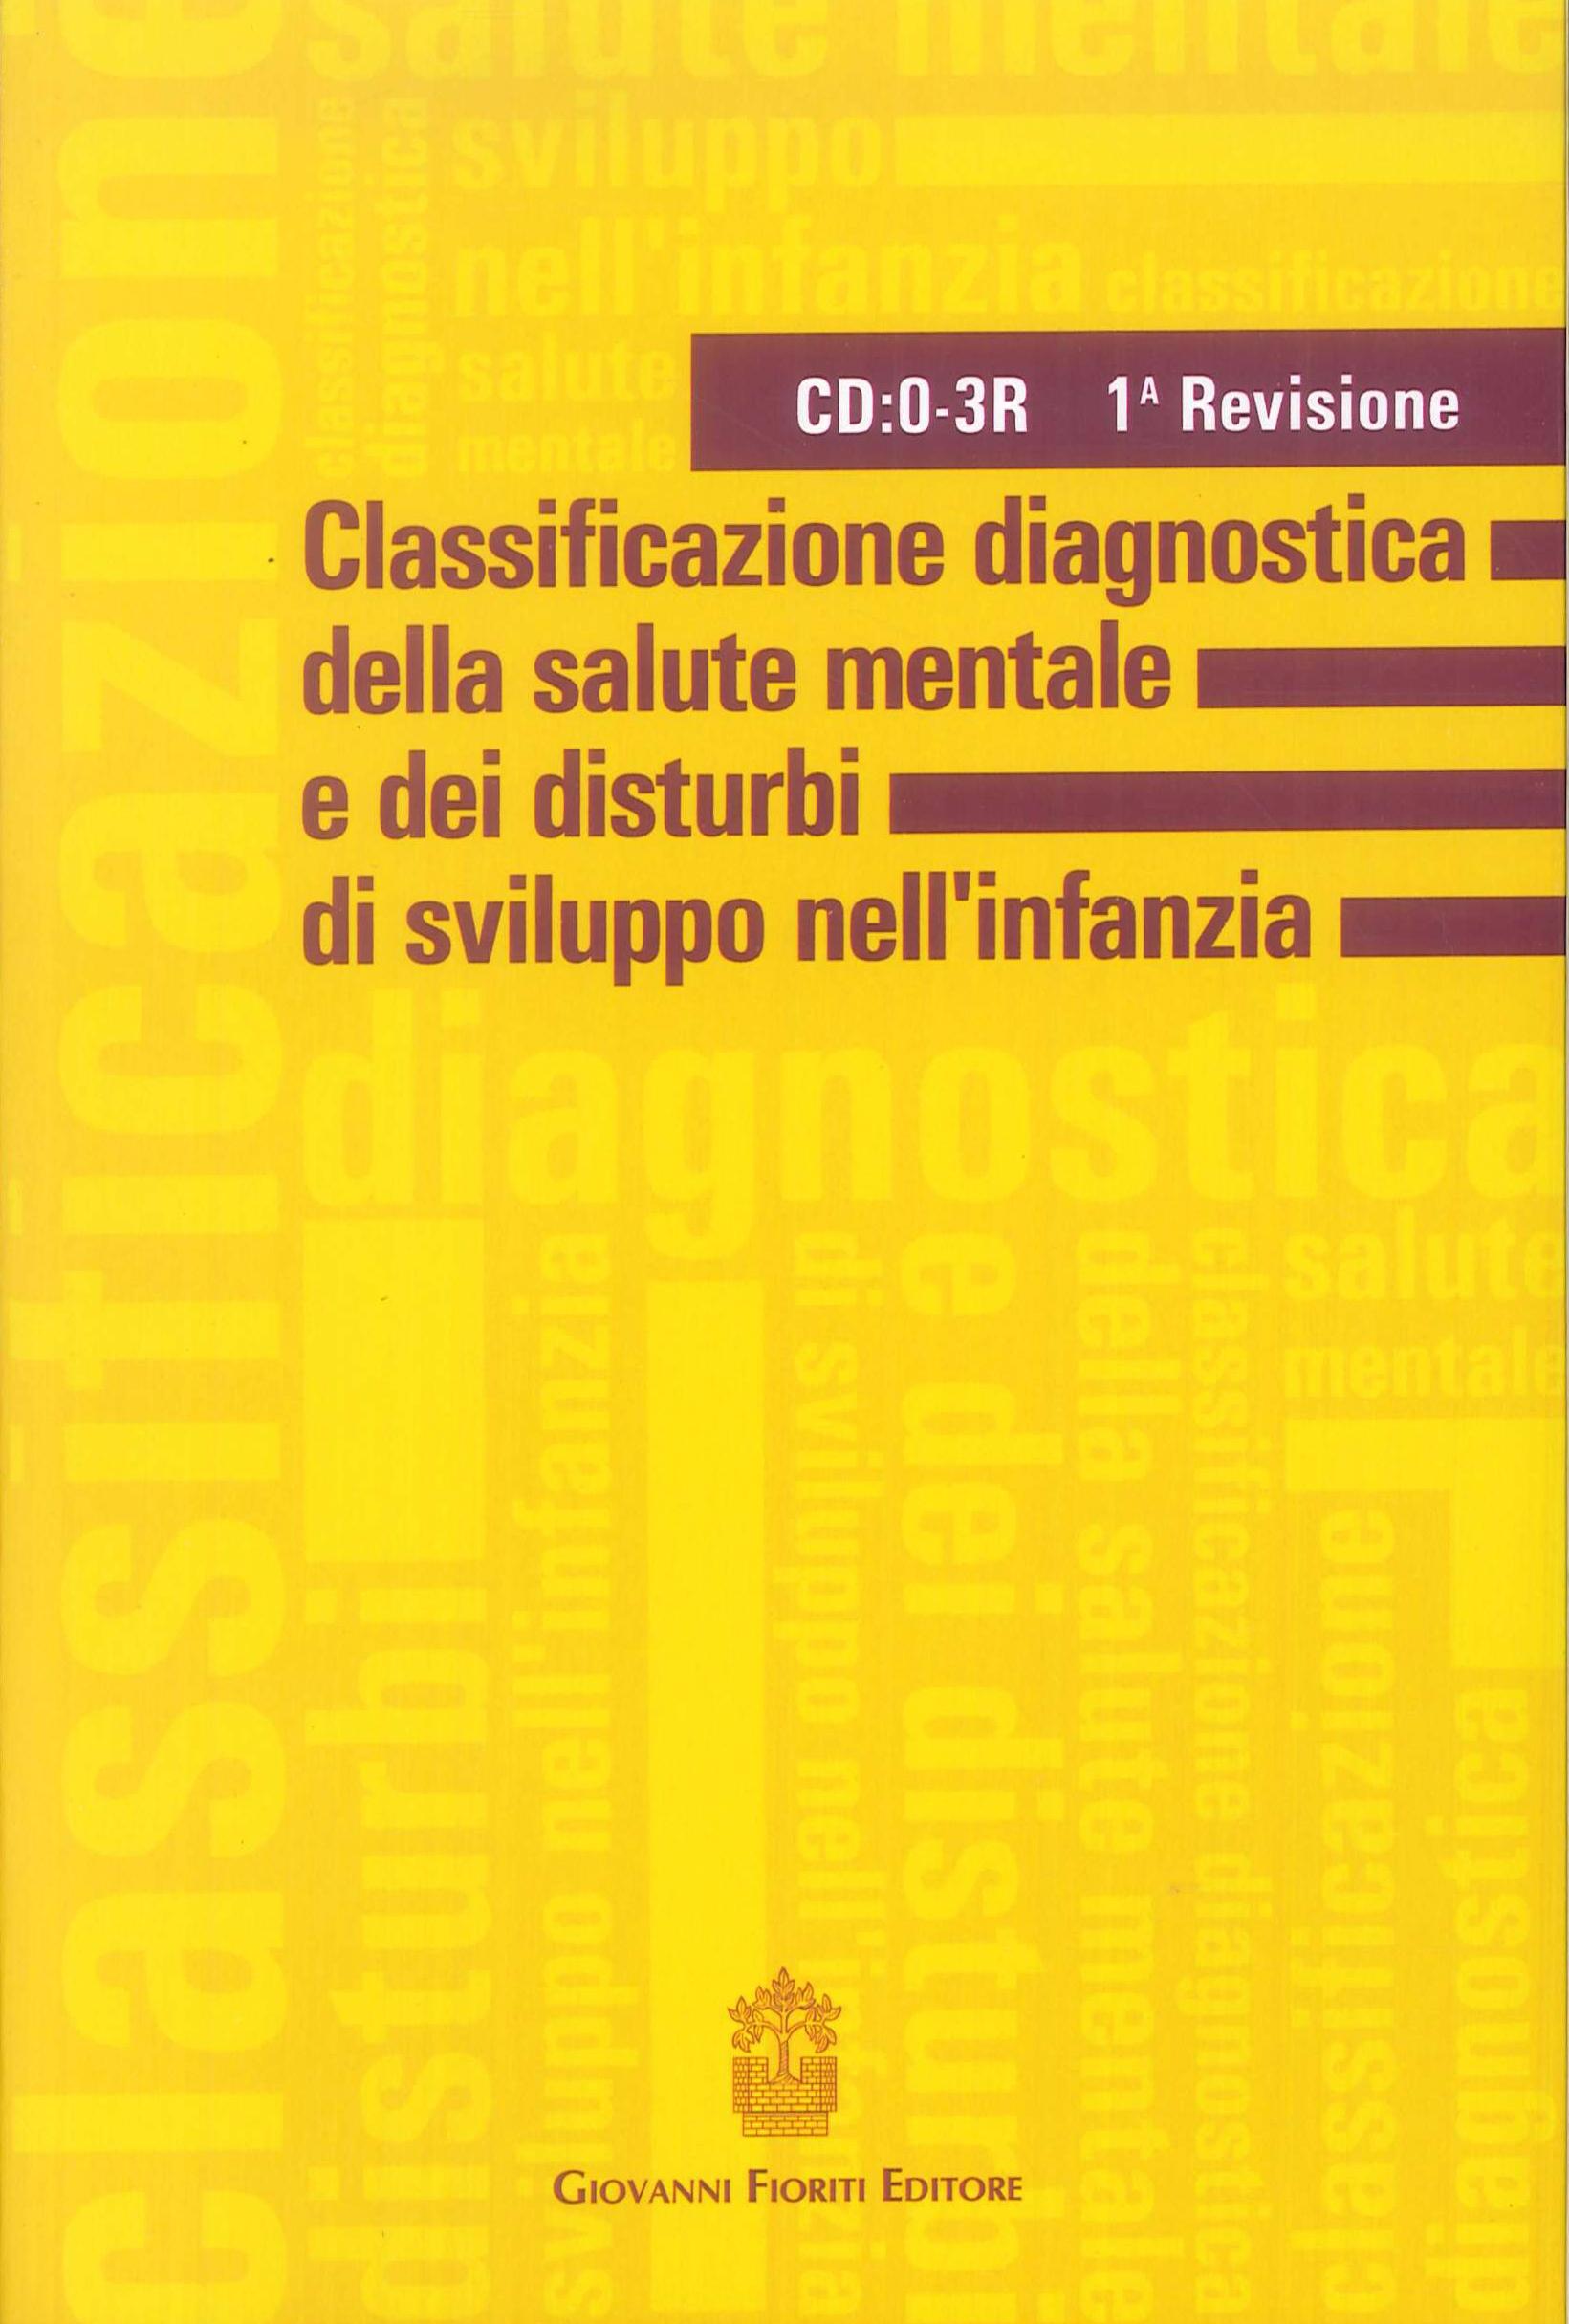 Classificazione diagnostica della salute mentale e dei disturbi di sviluppo dell'infanzia. 1ª revisione